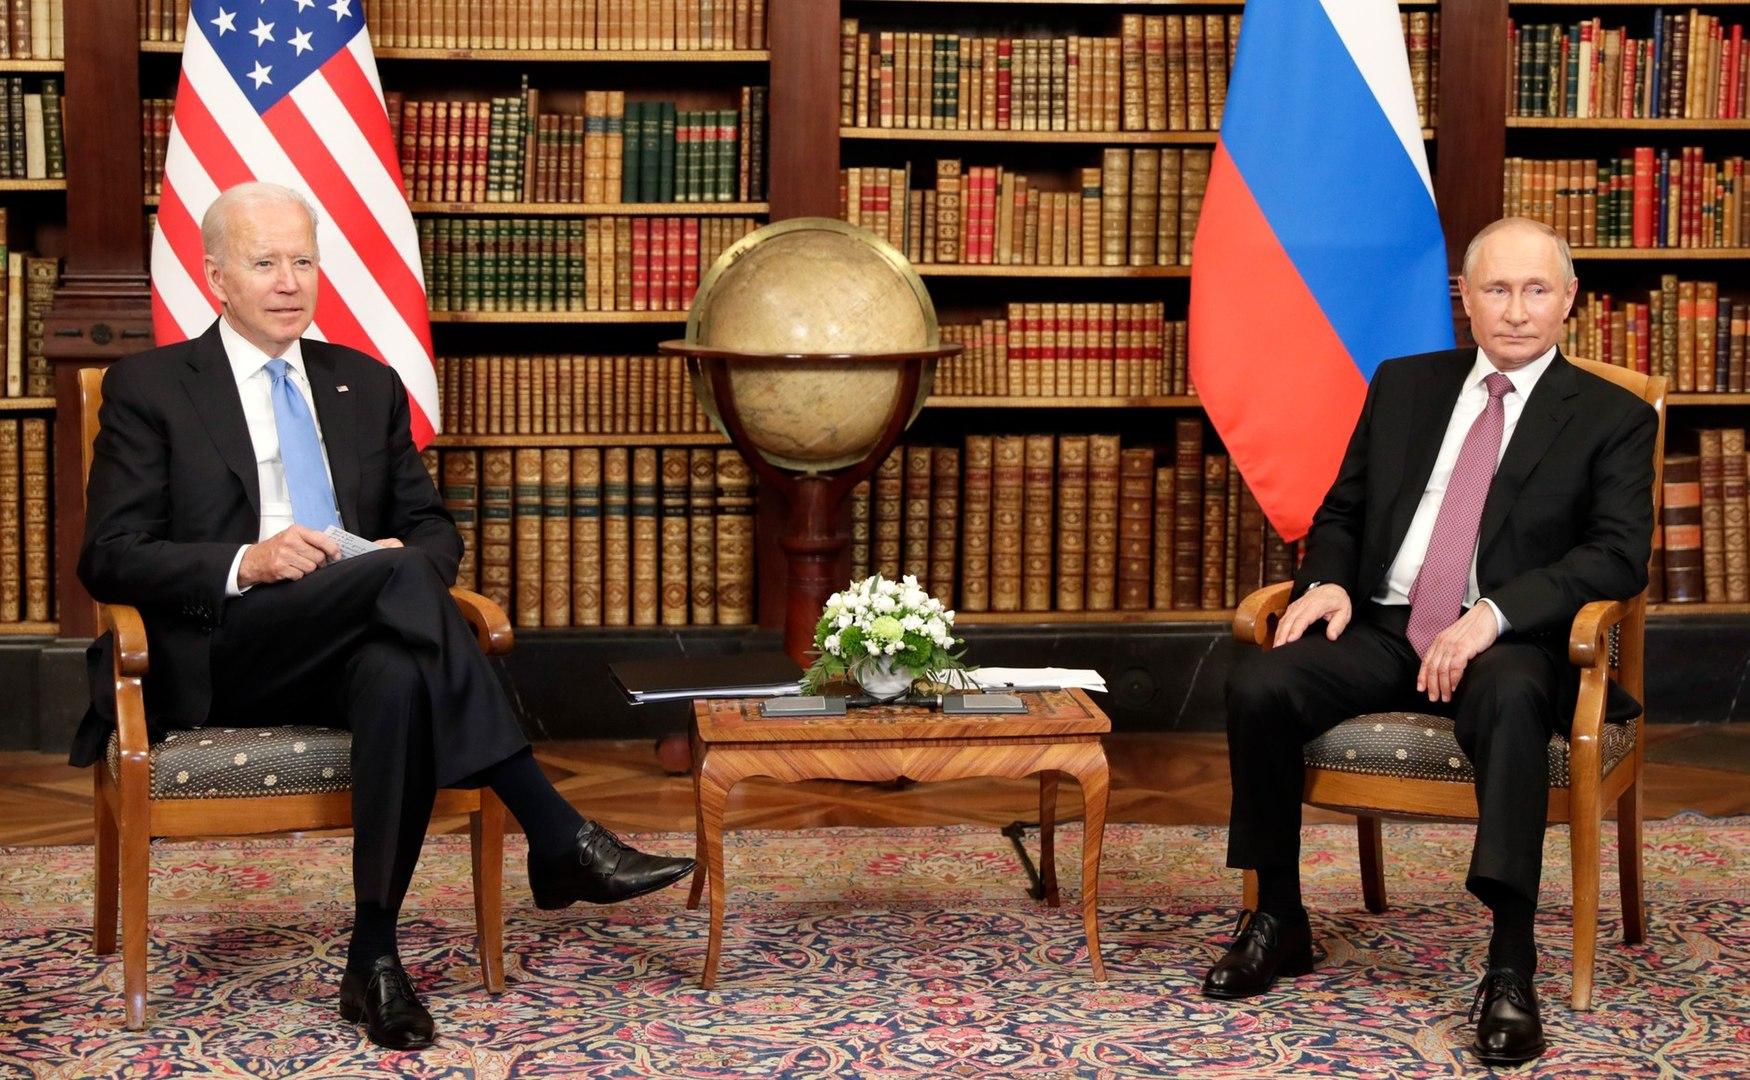 KOMENTARZ PUŁASKIEGO – M. Oleksiejuk: Pierwsza zagraniczna wizyta prezydenta Joe Bidena wEuropie